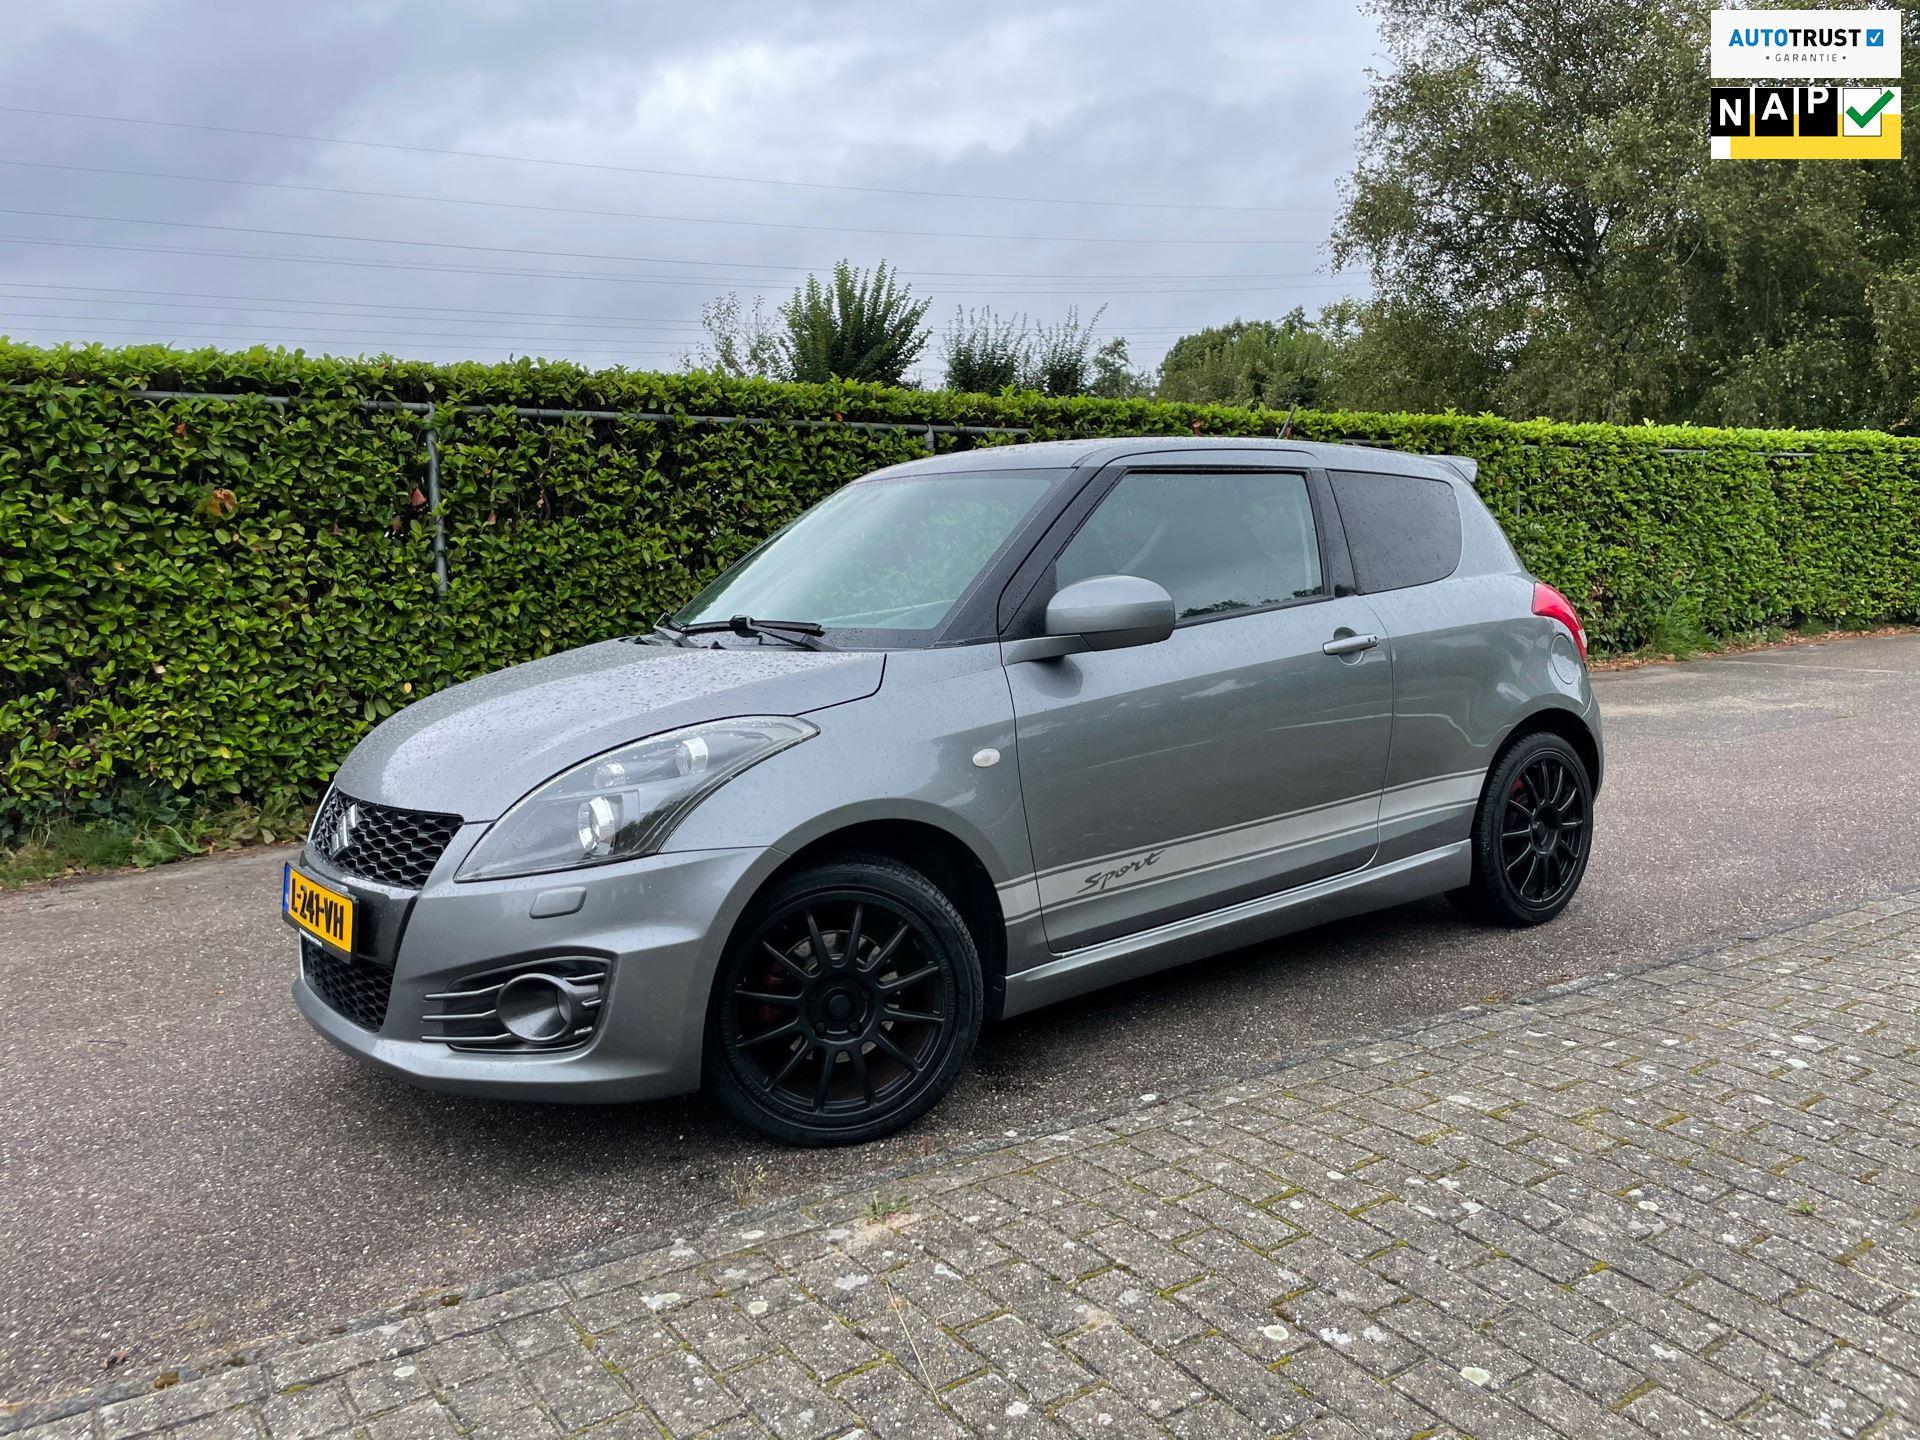 Suzuki Swift occasion - R. Oldenburg Auto's